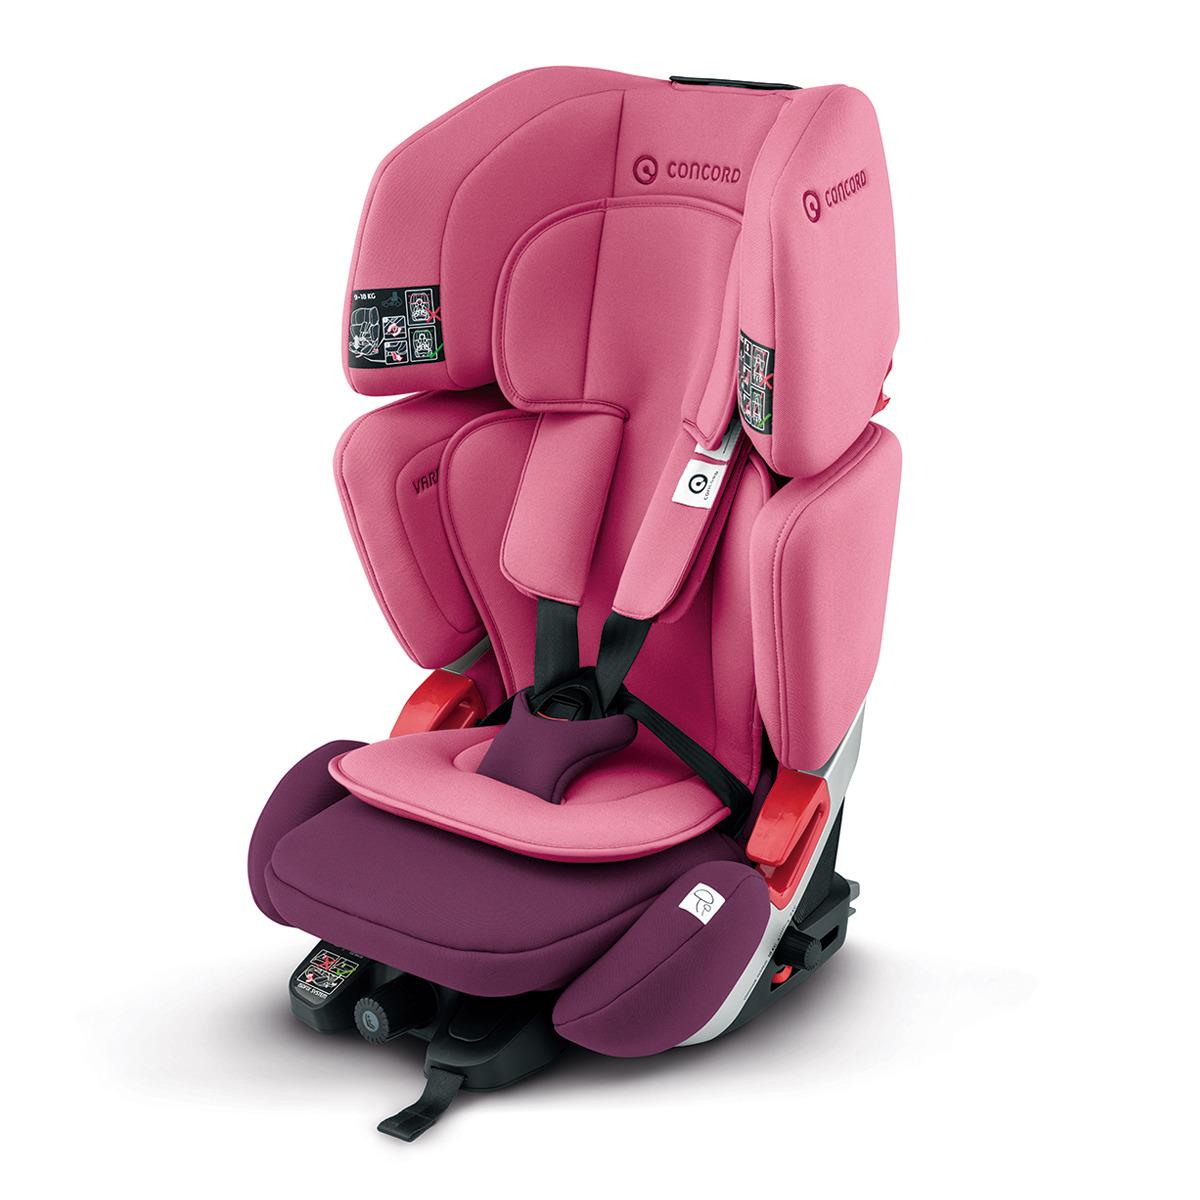 Silla de auto Concord Vario XT-5 rosa - Grupo 1/2/3